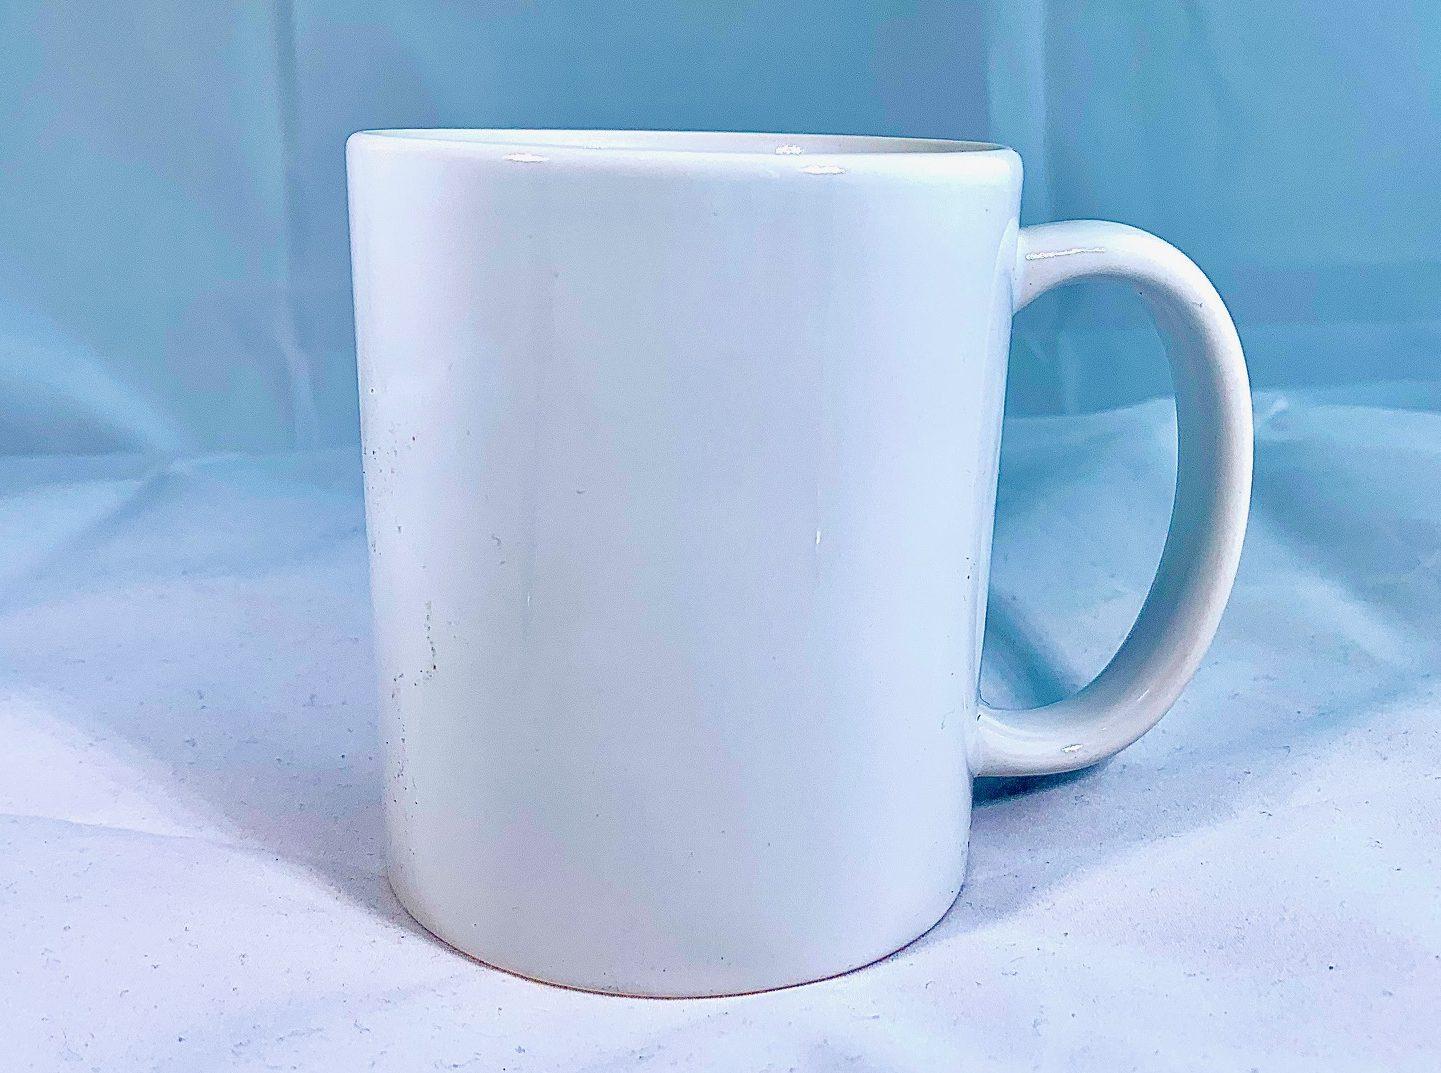 kaiya mug back view